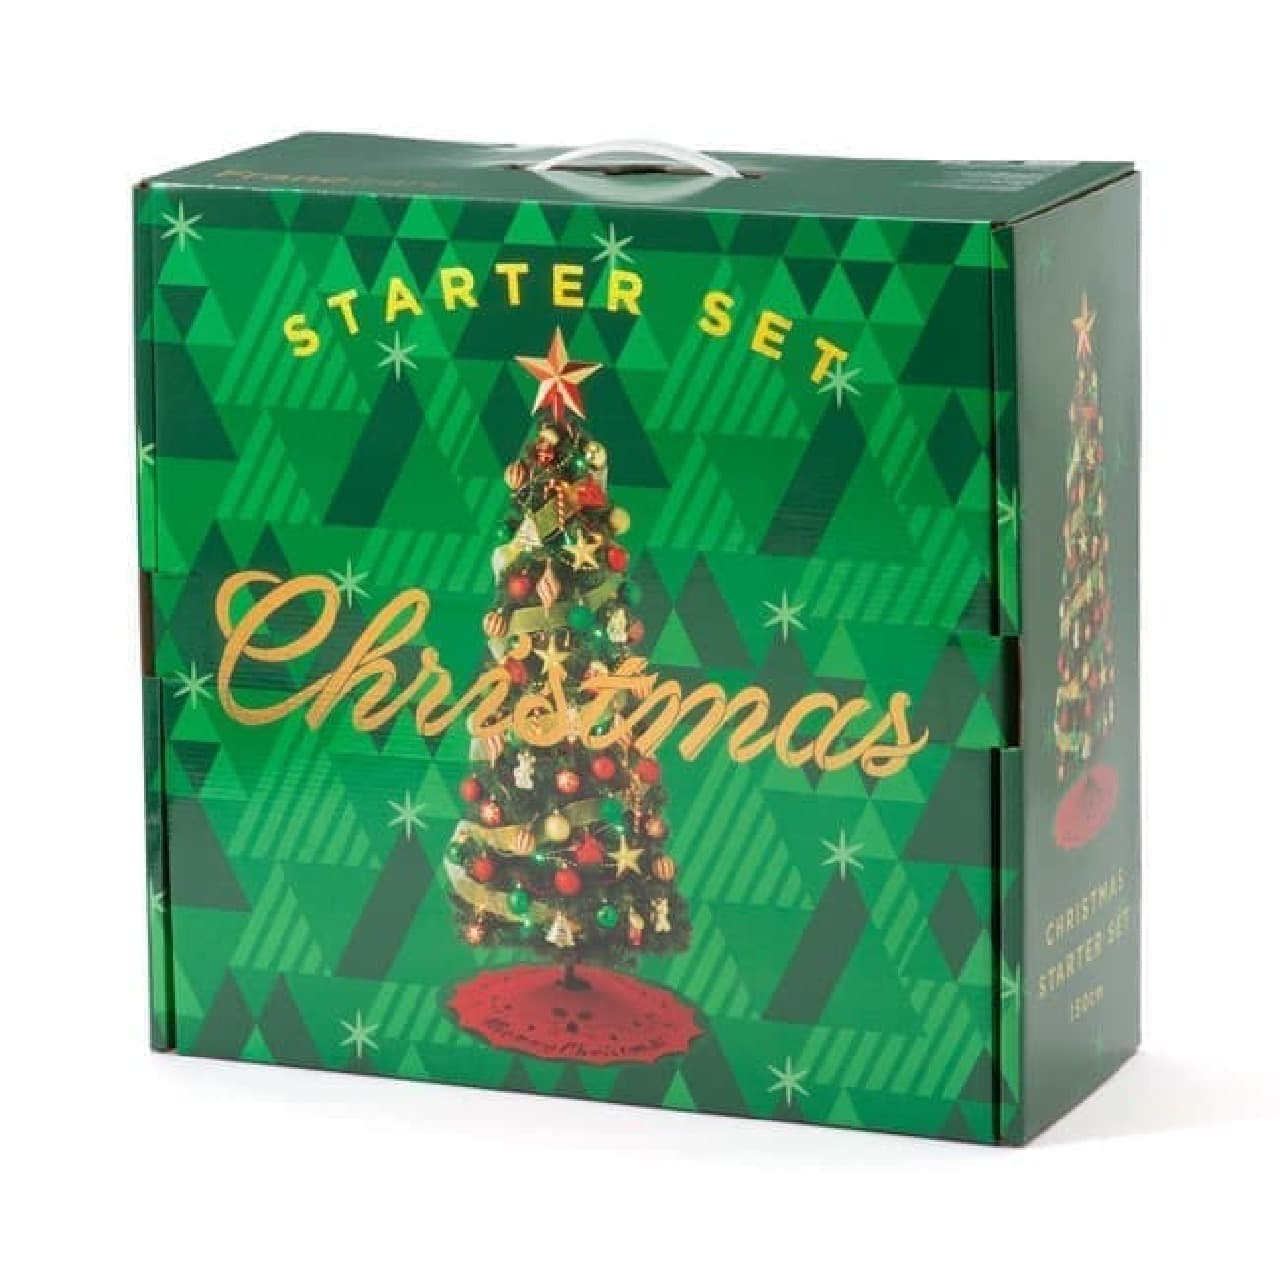 高さ60cmのクリスマスツリーがFrancfrancから -- 収納コンパクトなセット商品